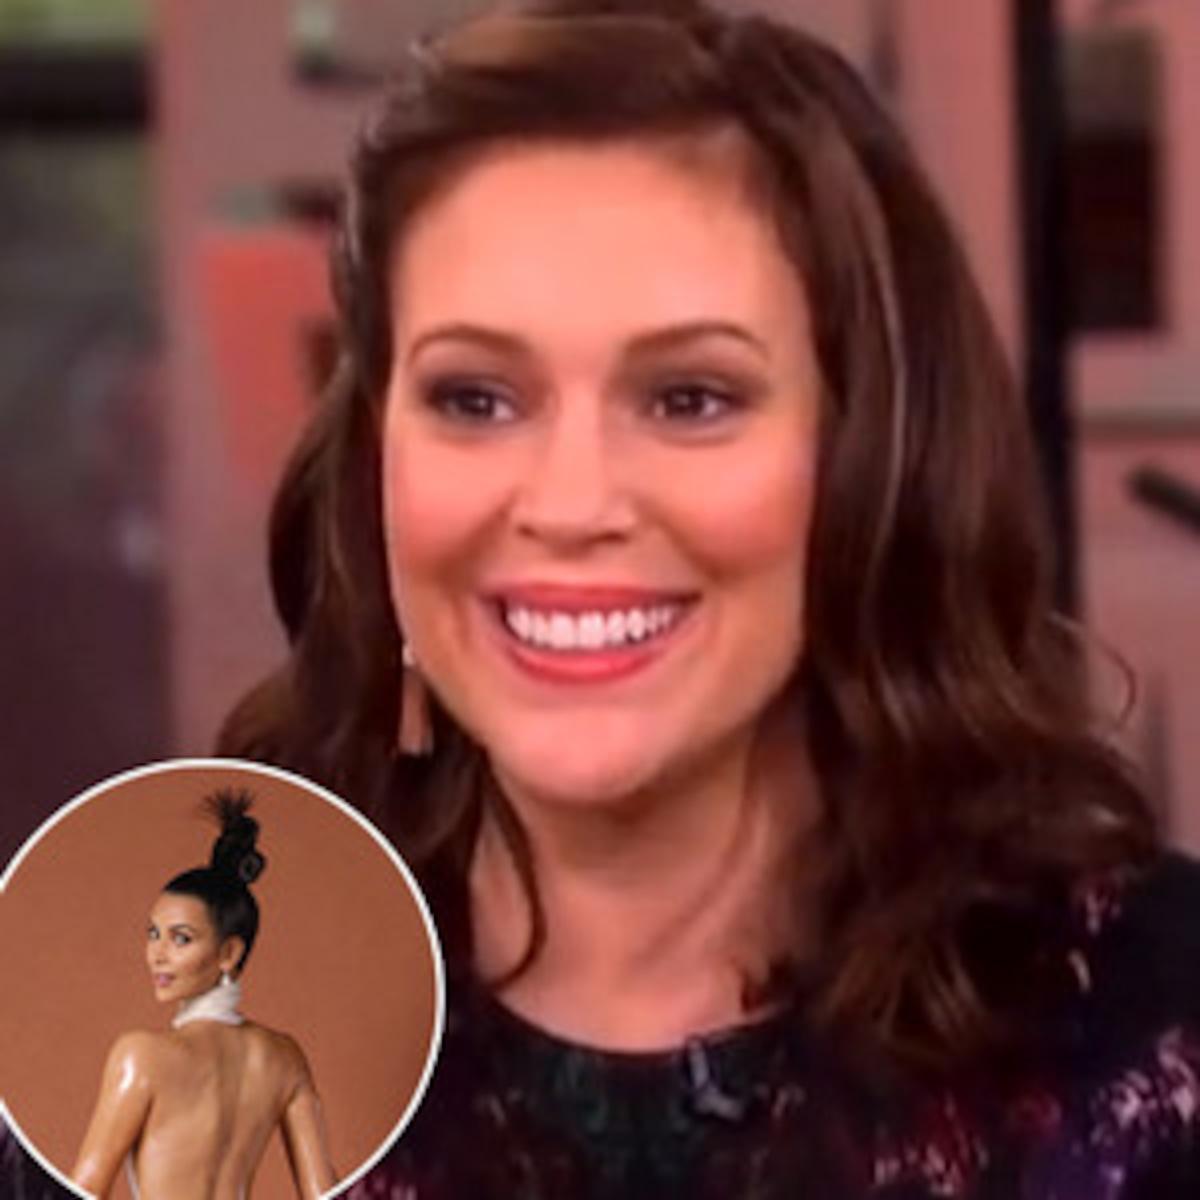 Alyssa Milano Charmed Naked alyssa milano defends breastfeeding pic, cites kim k.'s butt